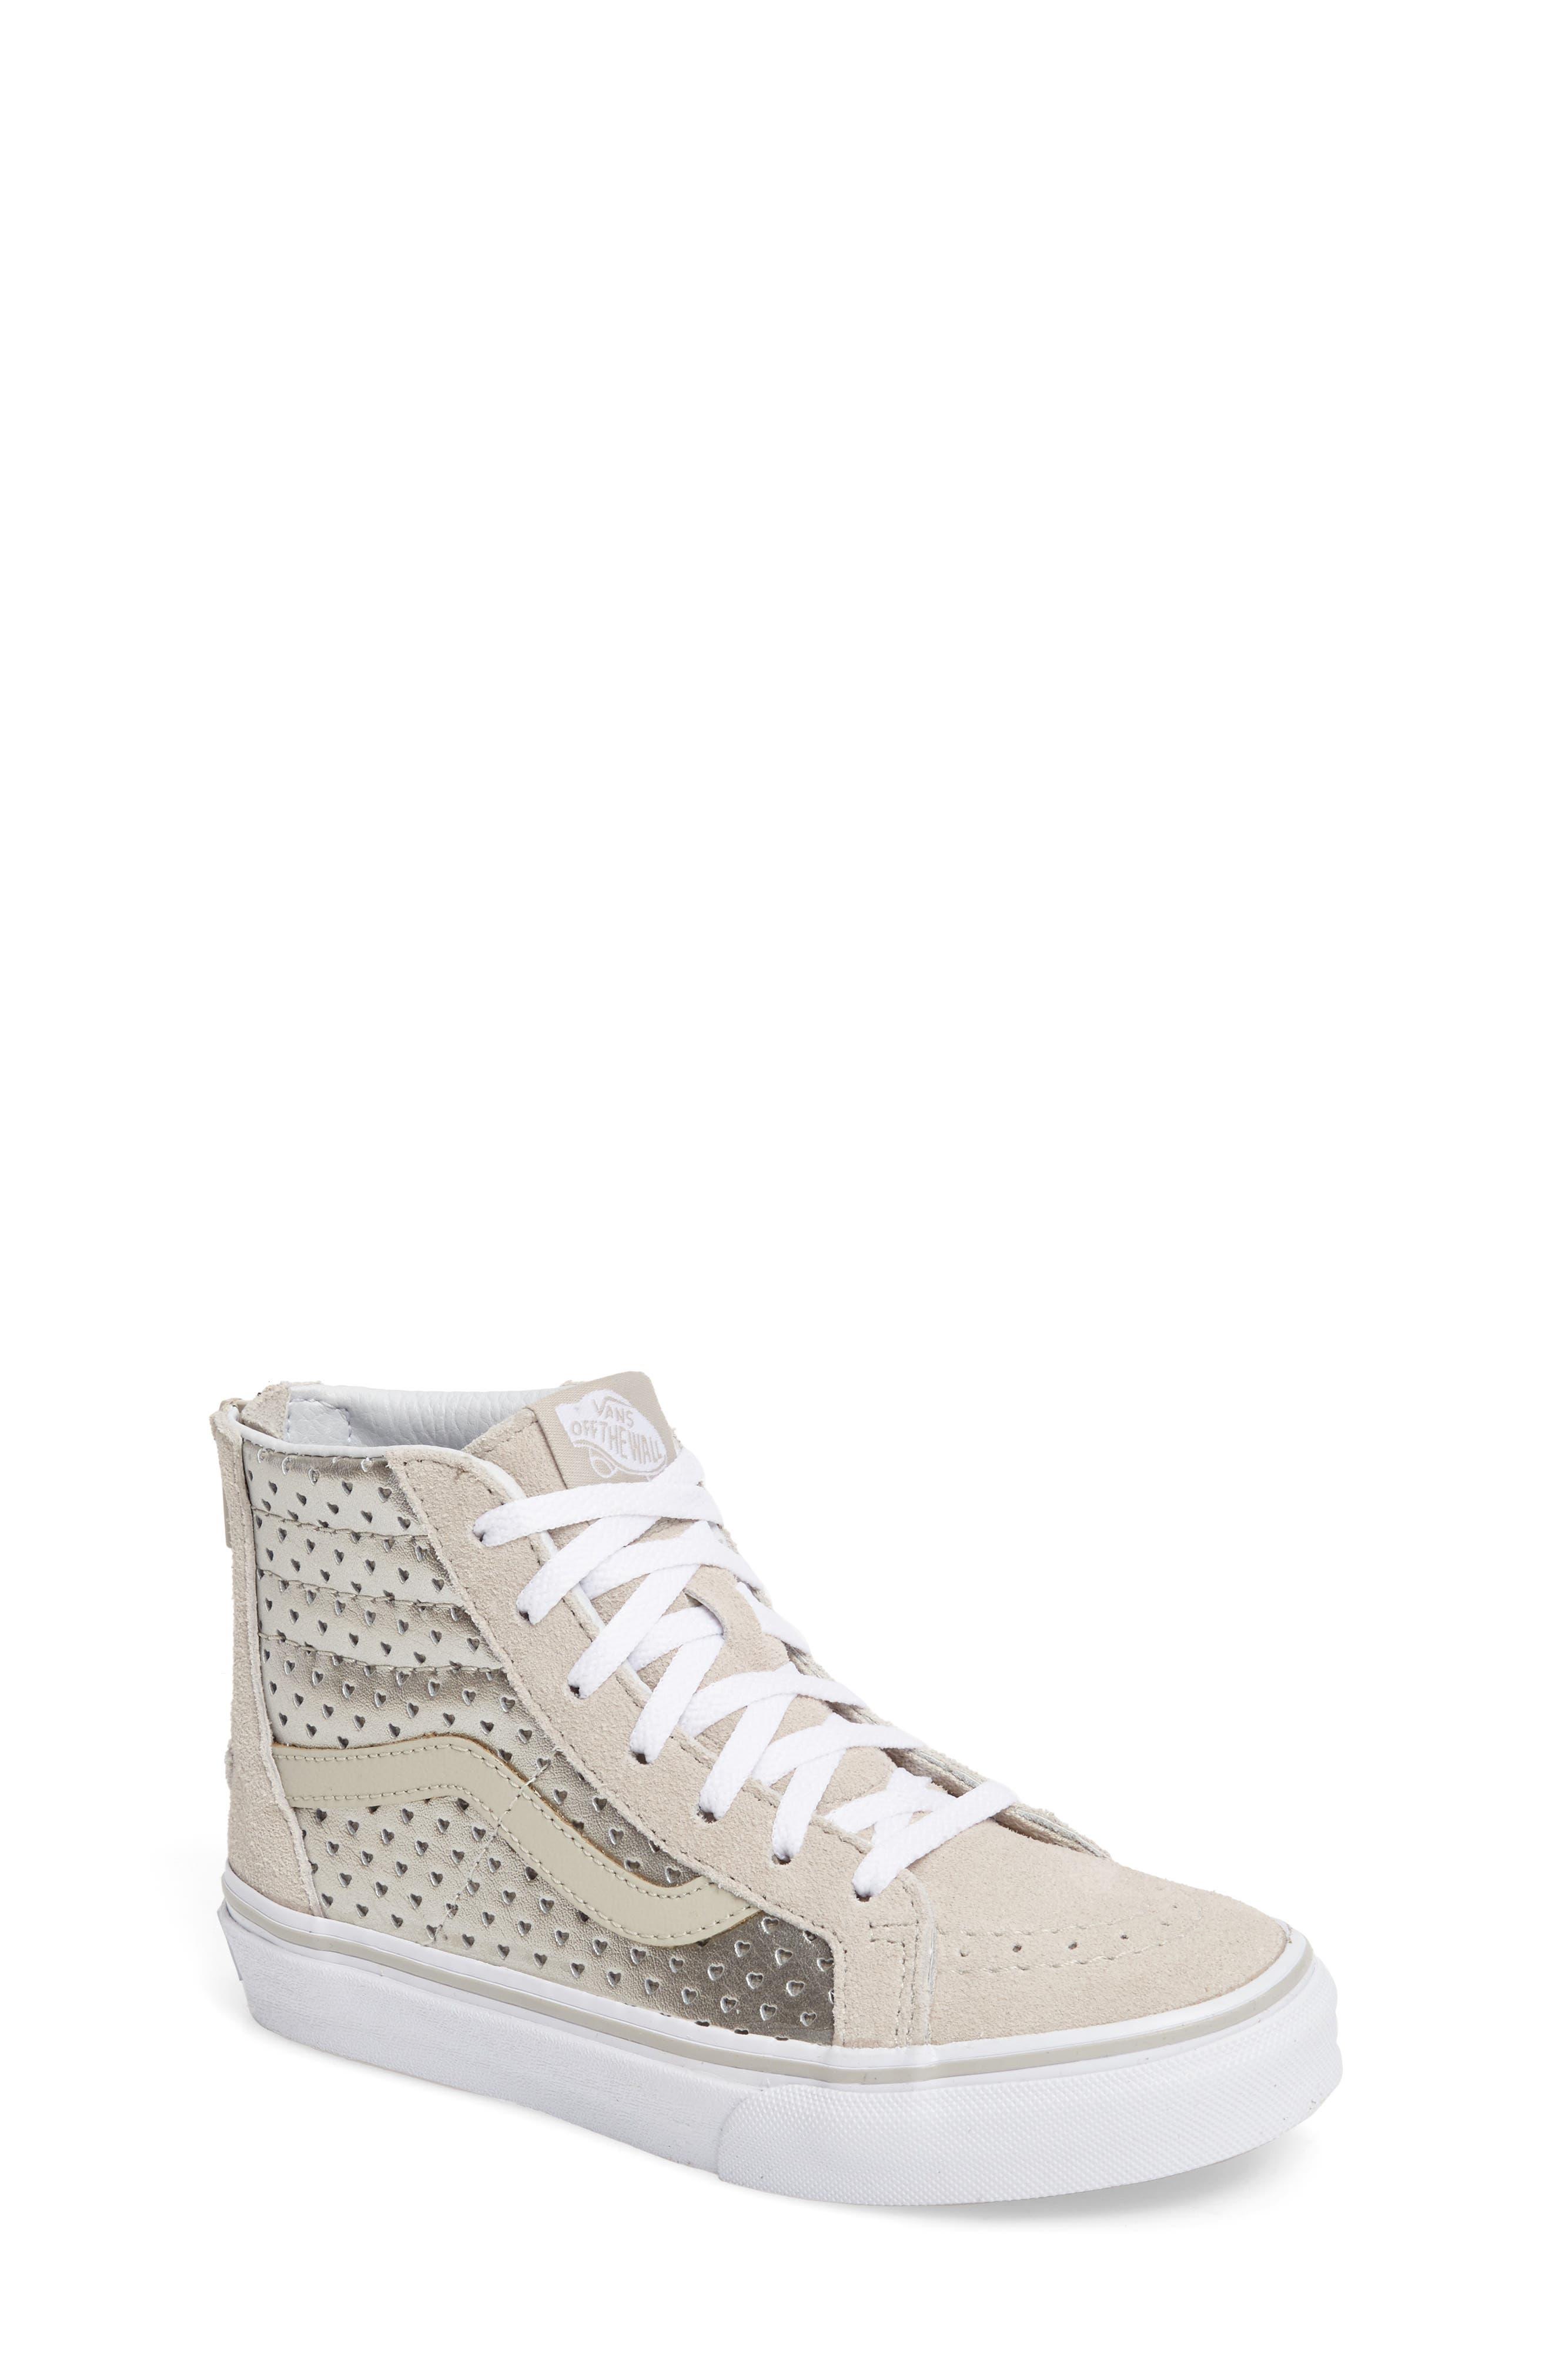 Sk8-Hi Zip Sneaker,                             Main thumbnail 1, color,                             040